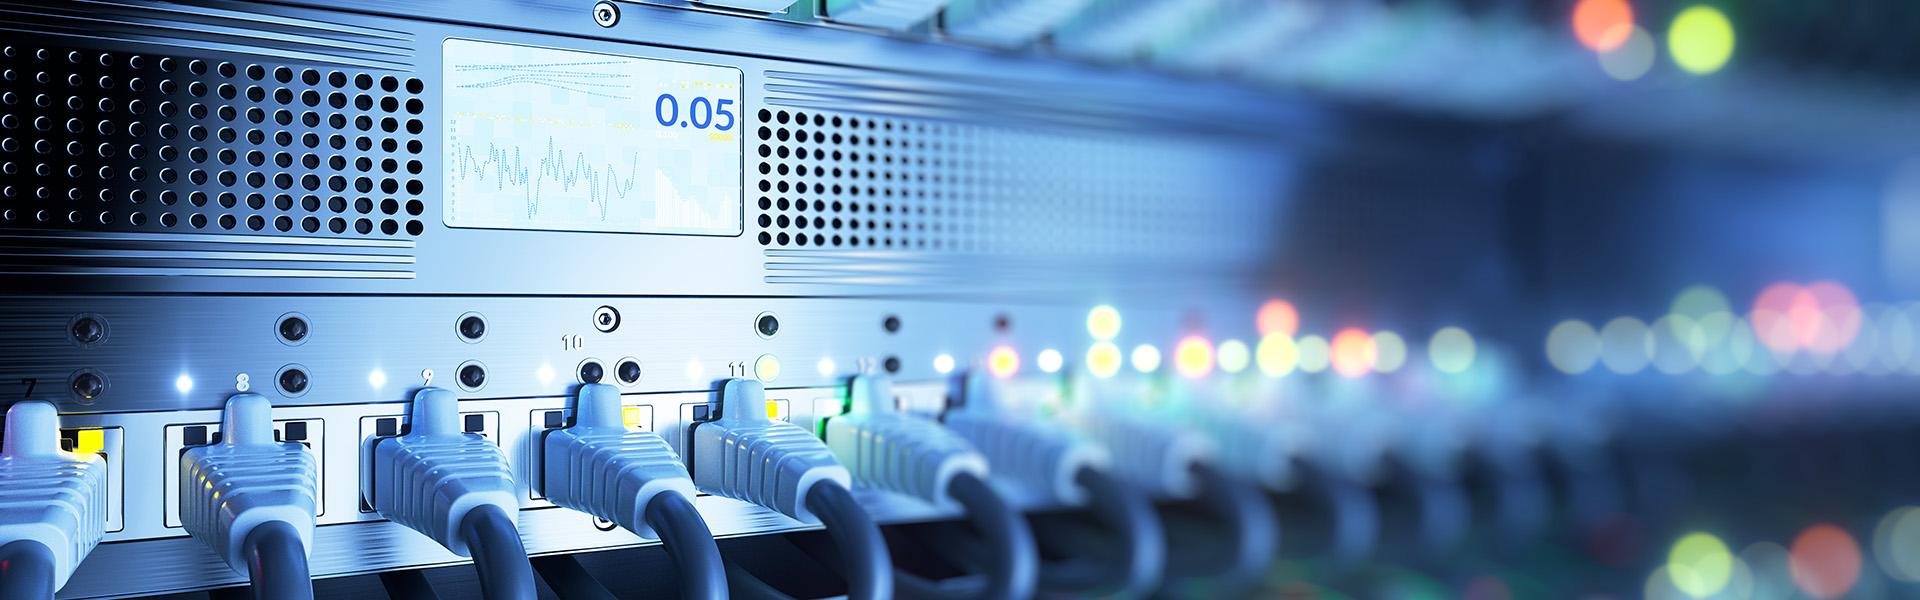 Datové sítě LAN a WiFi